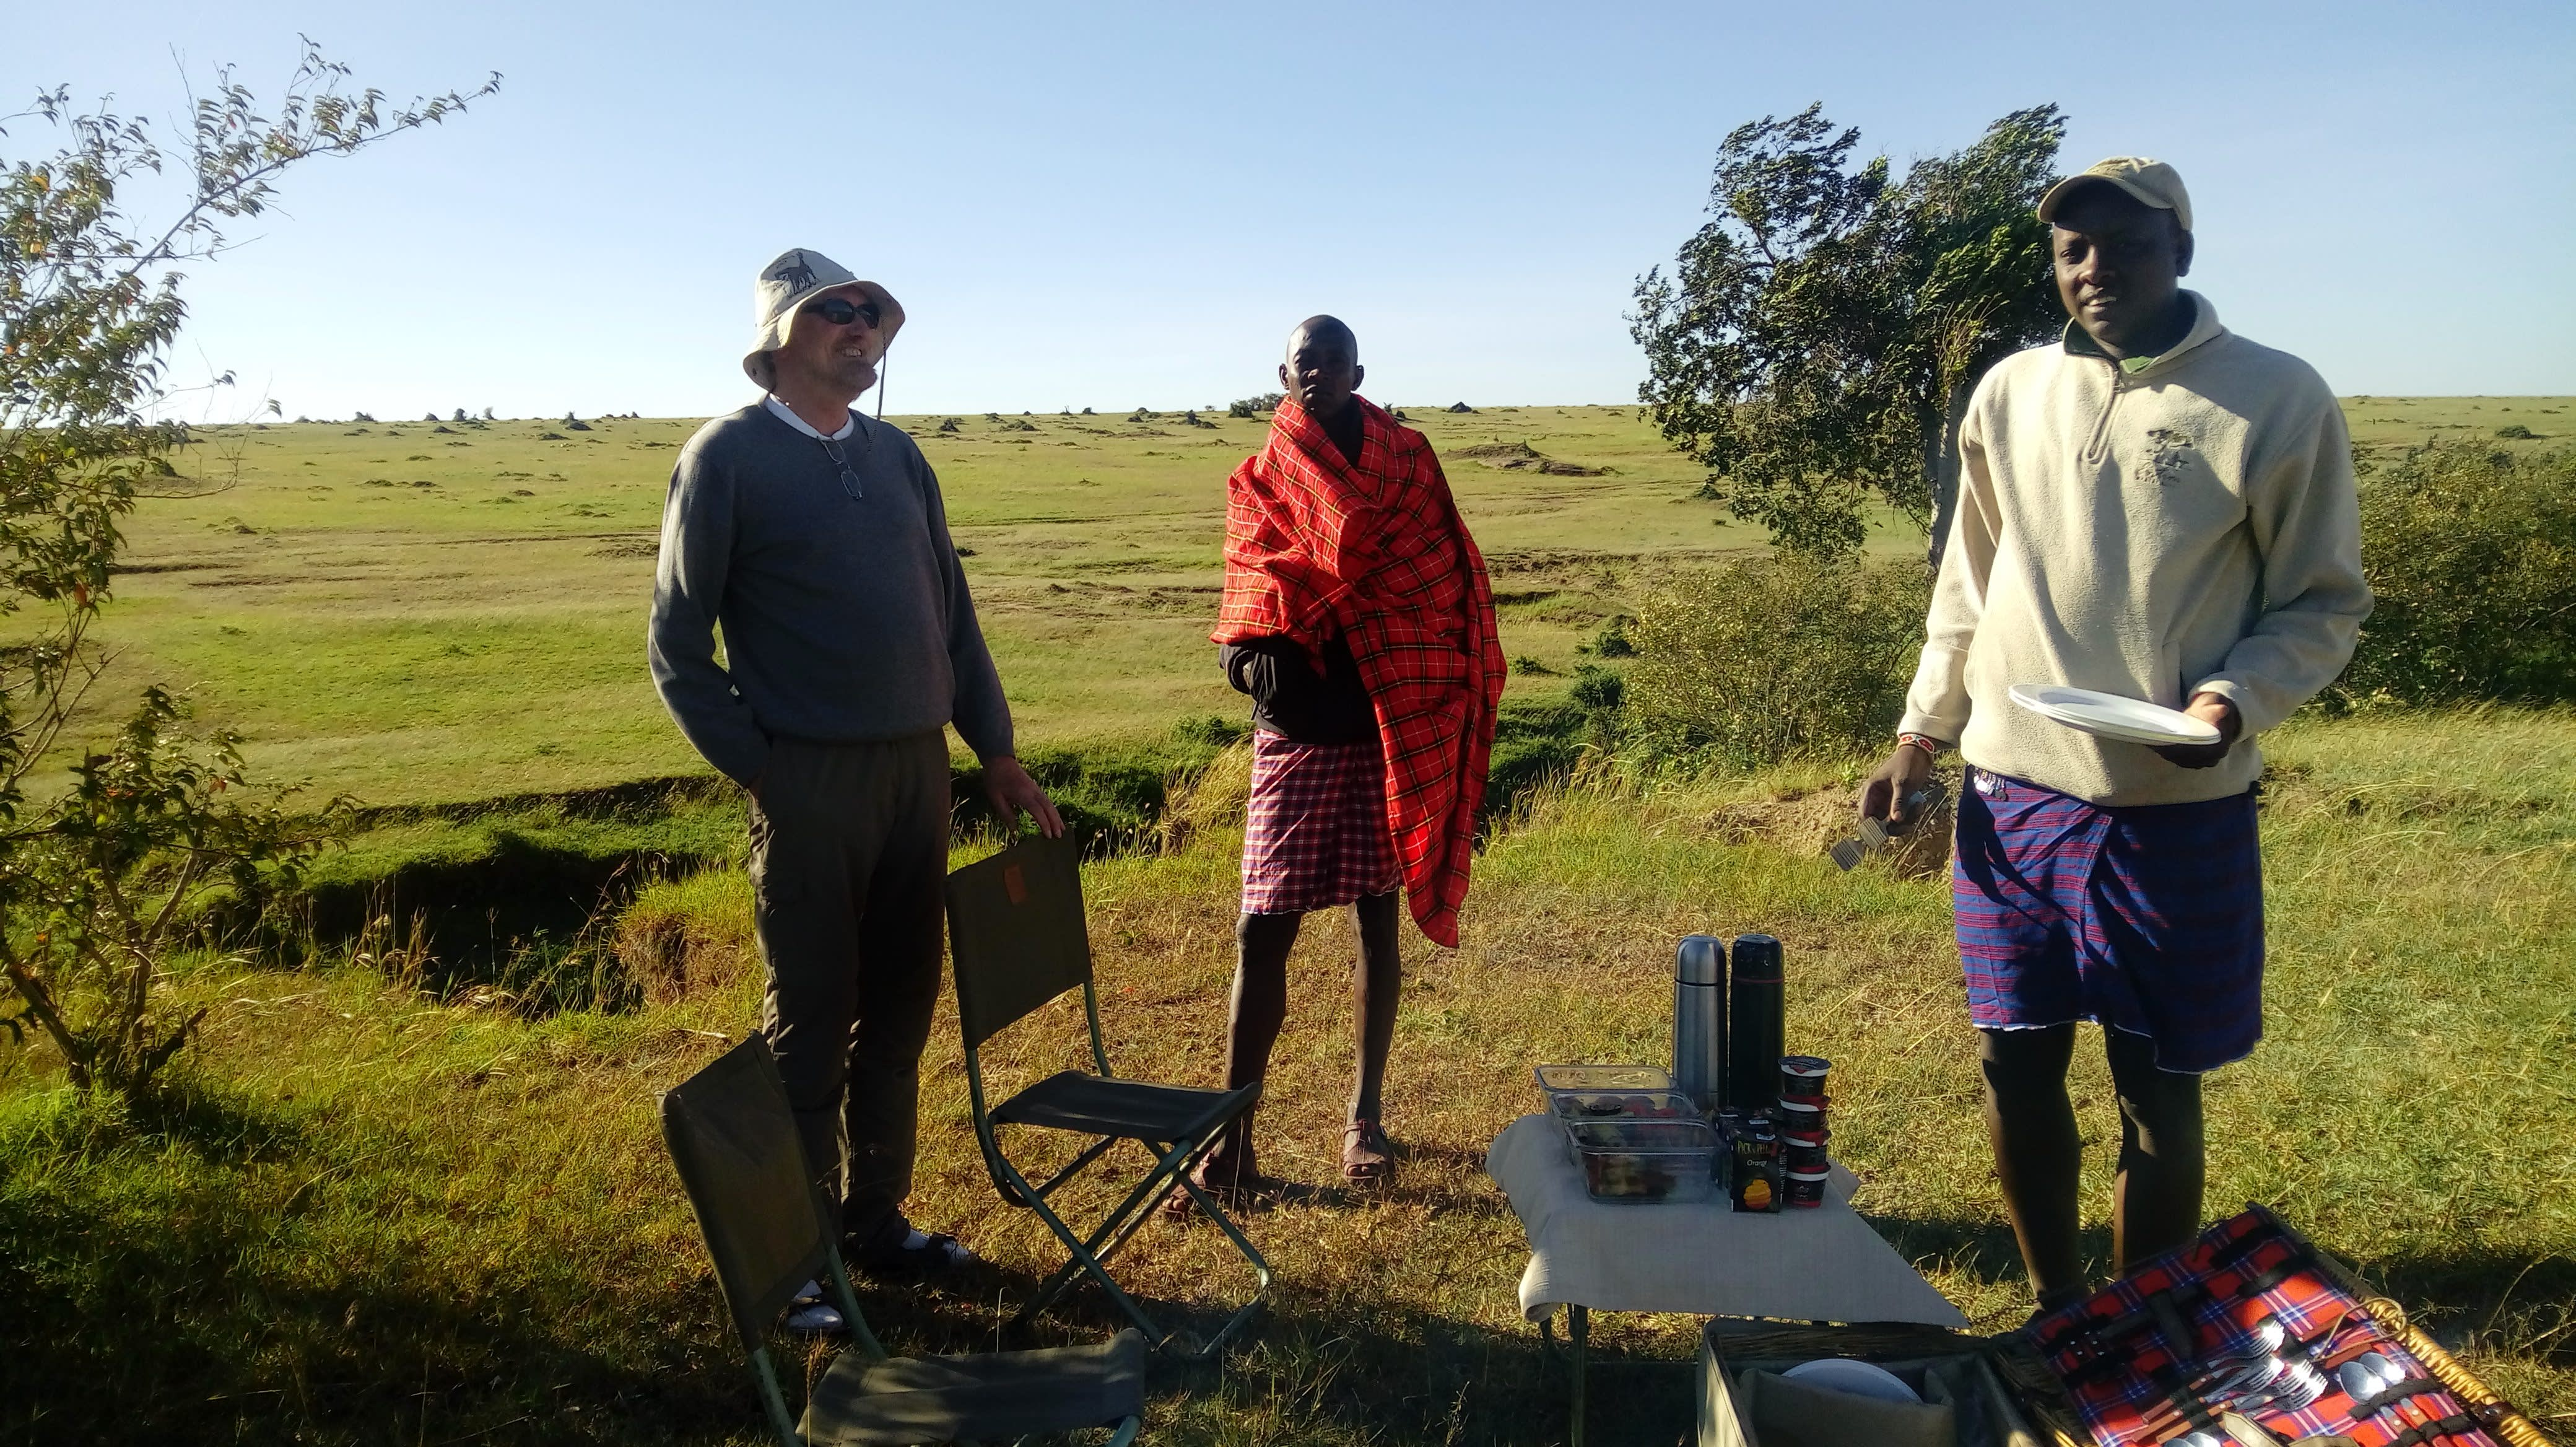 Unsere Gäste in Masai Mara, Kenia